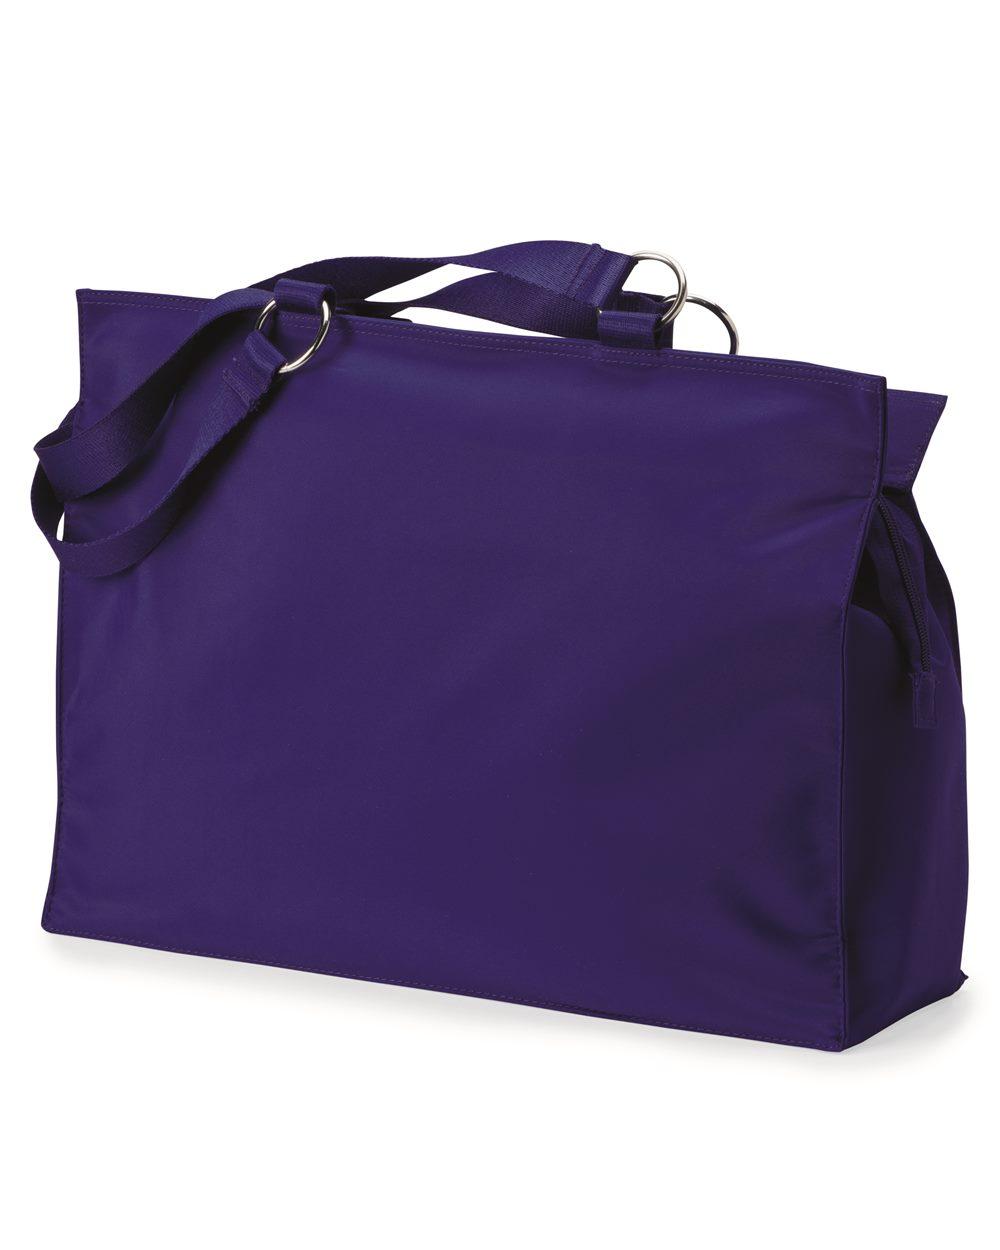 Liberty Bags 8832 - Microfiber Tote